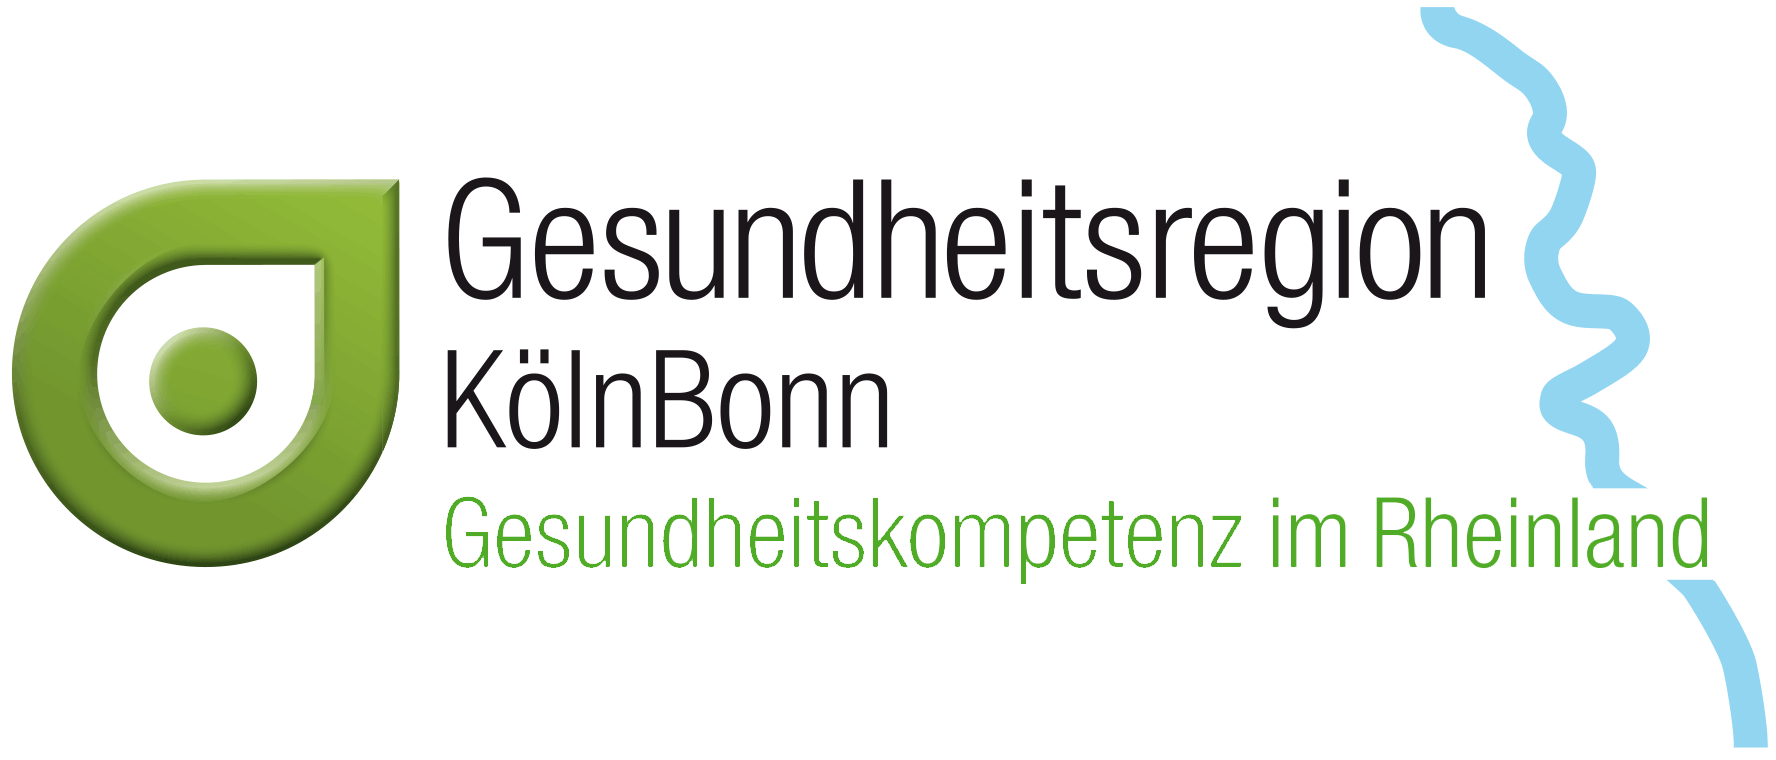 You are currently viewing Gesundheitswesen gemeinsam gestalten – Gesundheitsregion KölnBonn e.V. feiert zehnjähriges Bestehen